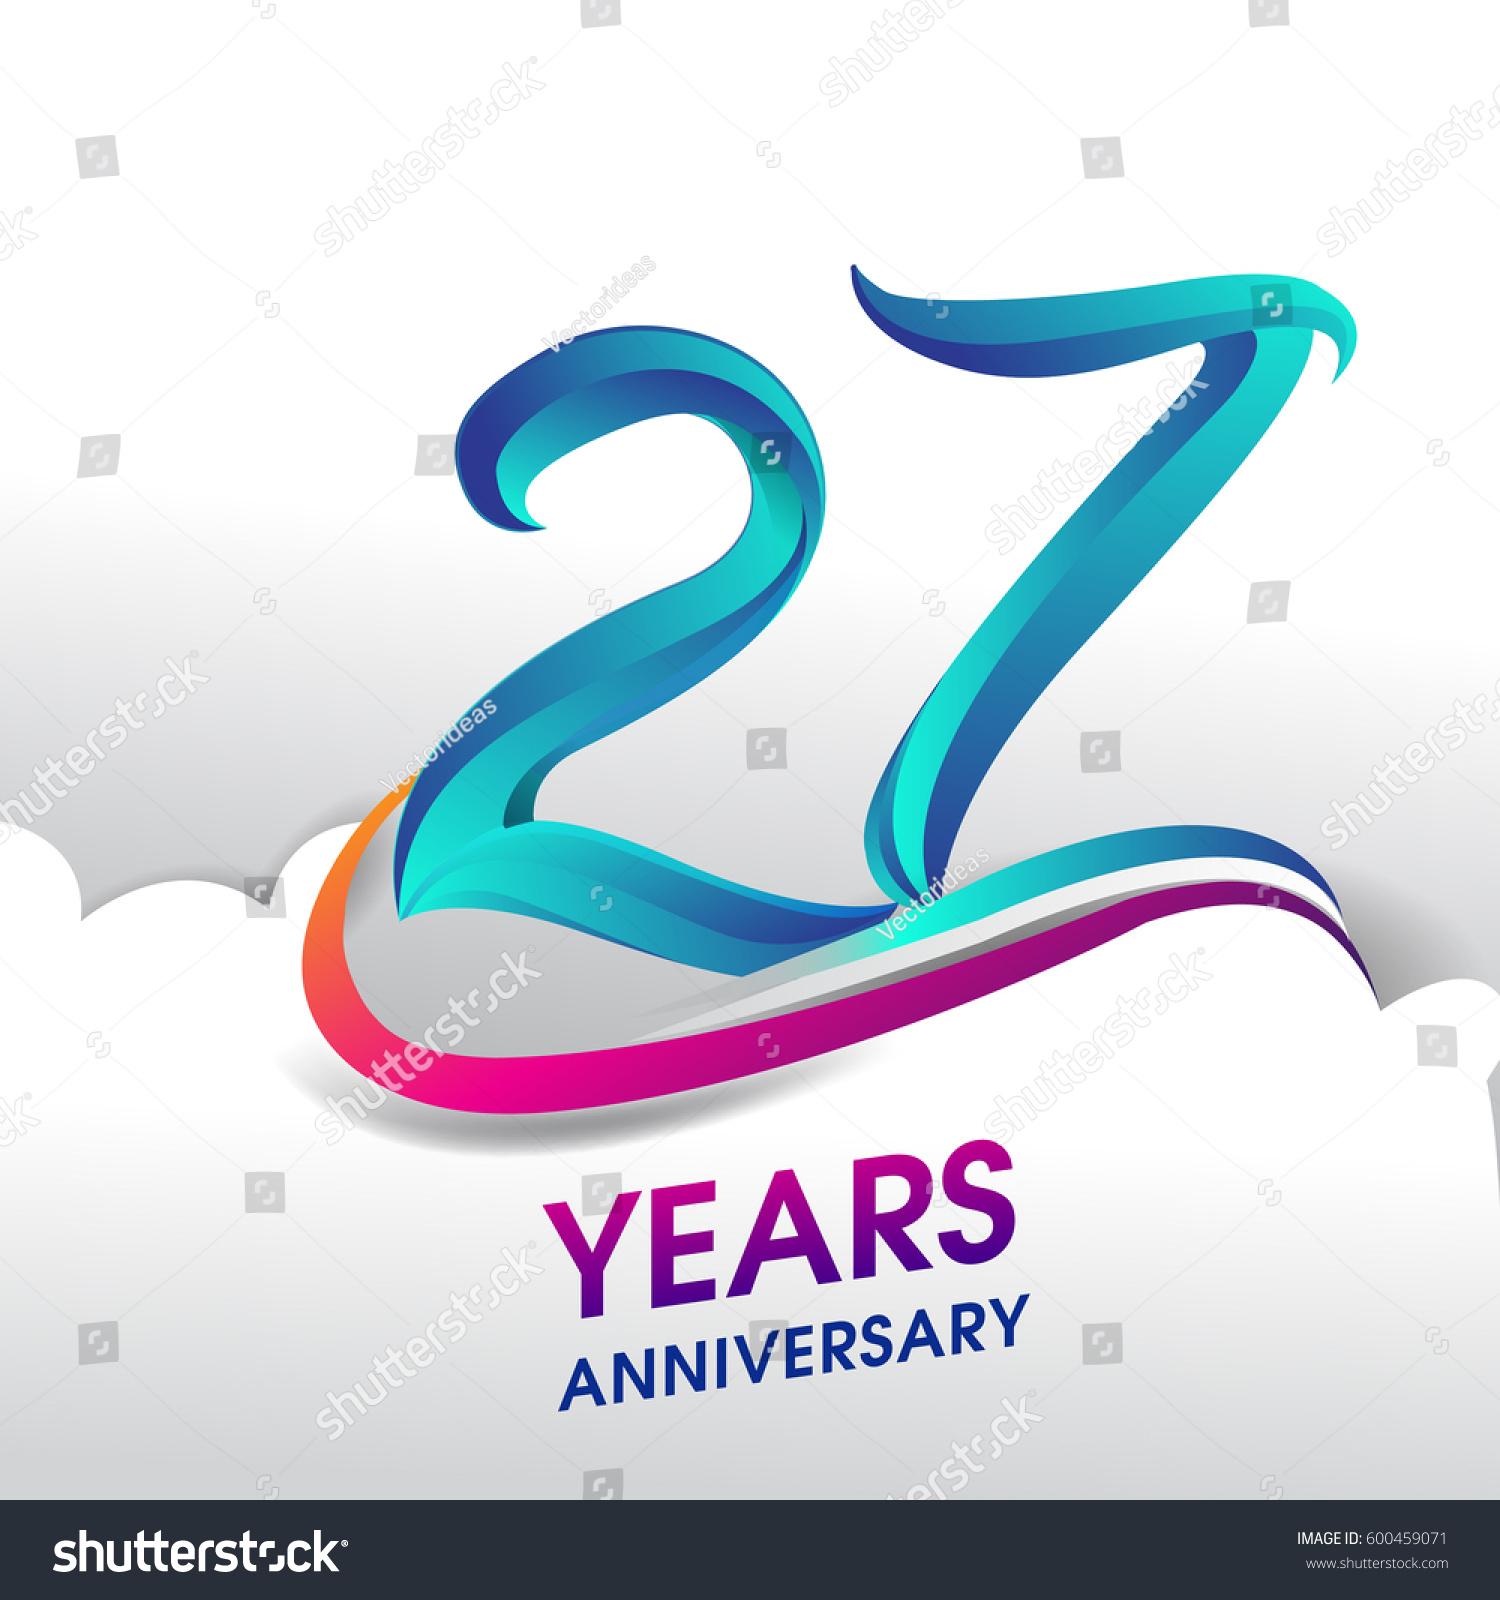 27 Years Anniversary Celebration Logo Birthday Stock